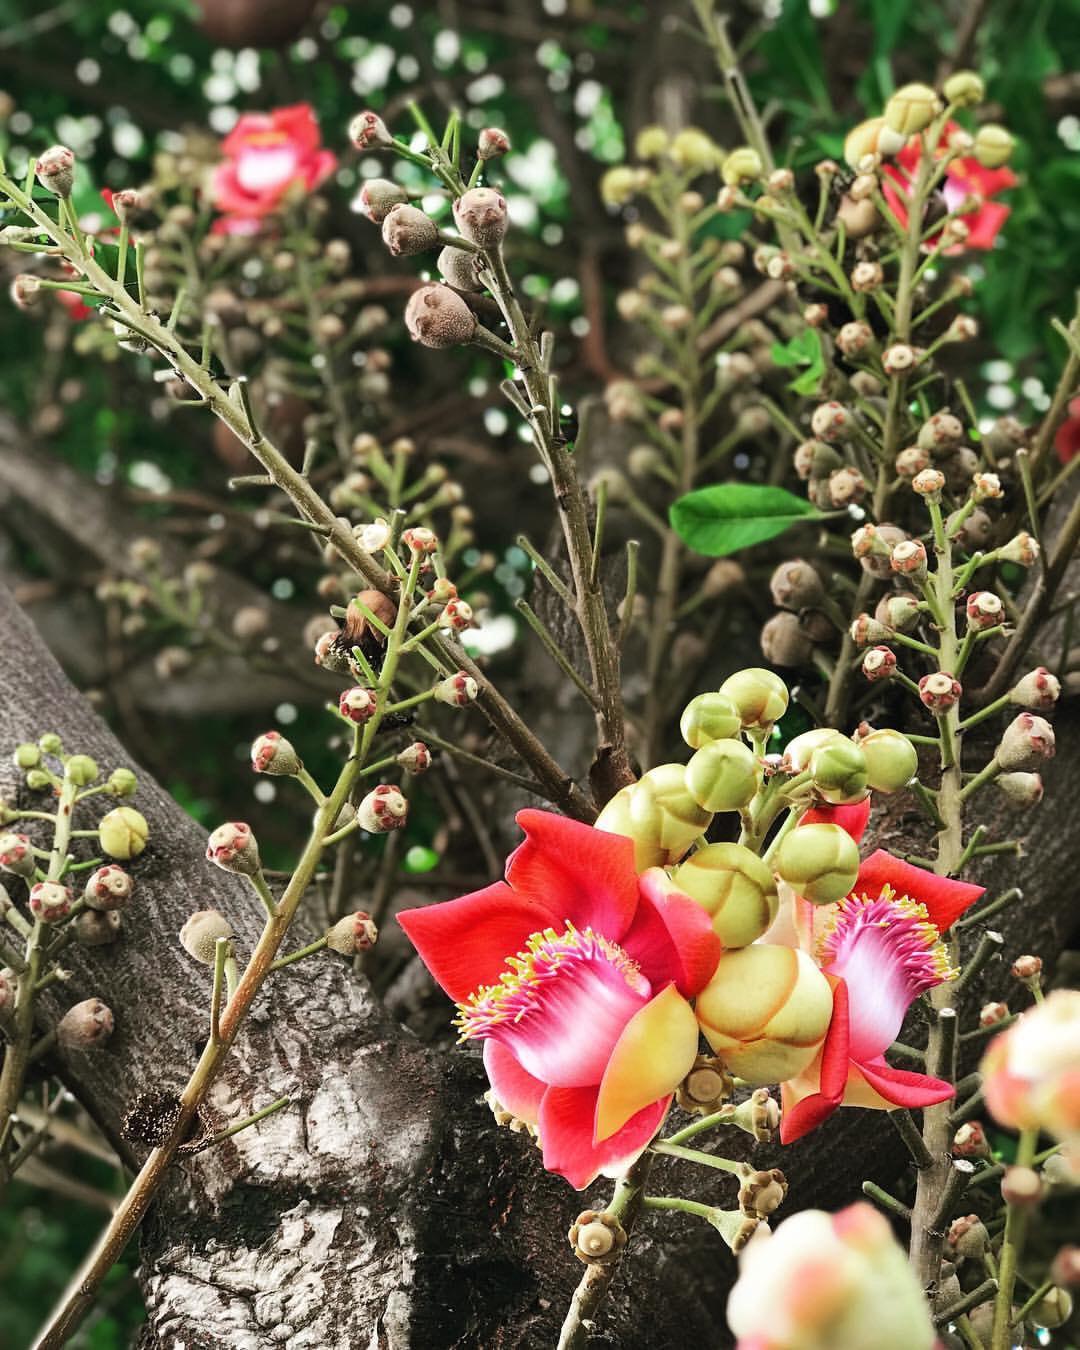 Nhiều người lầm lẫn Sala và vô ưu với một loài cây khác là Ngọc Kỳ Lân